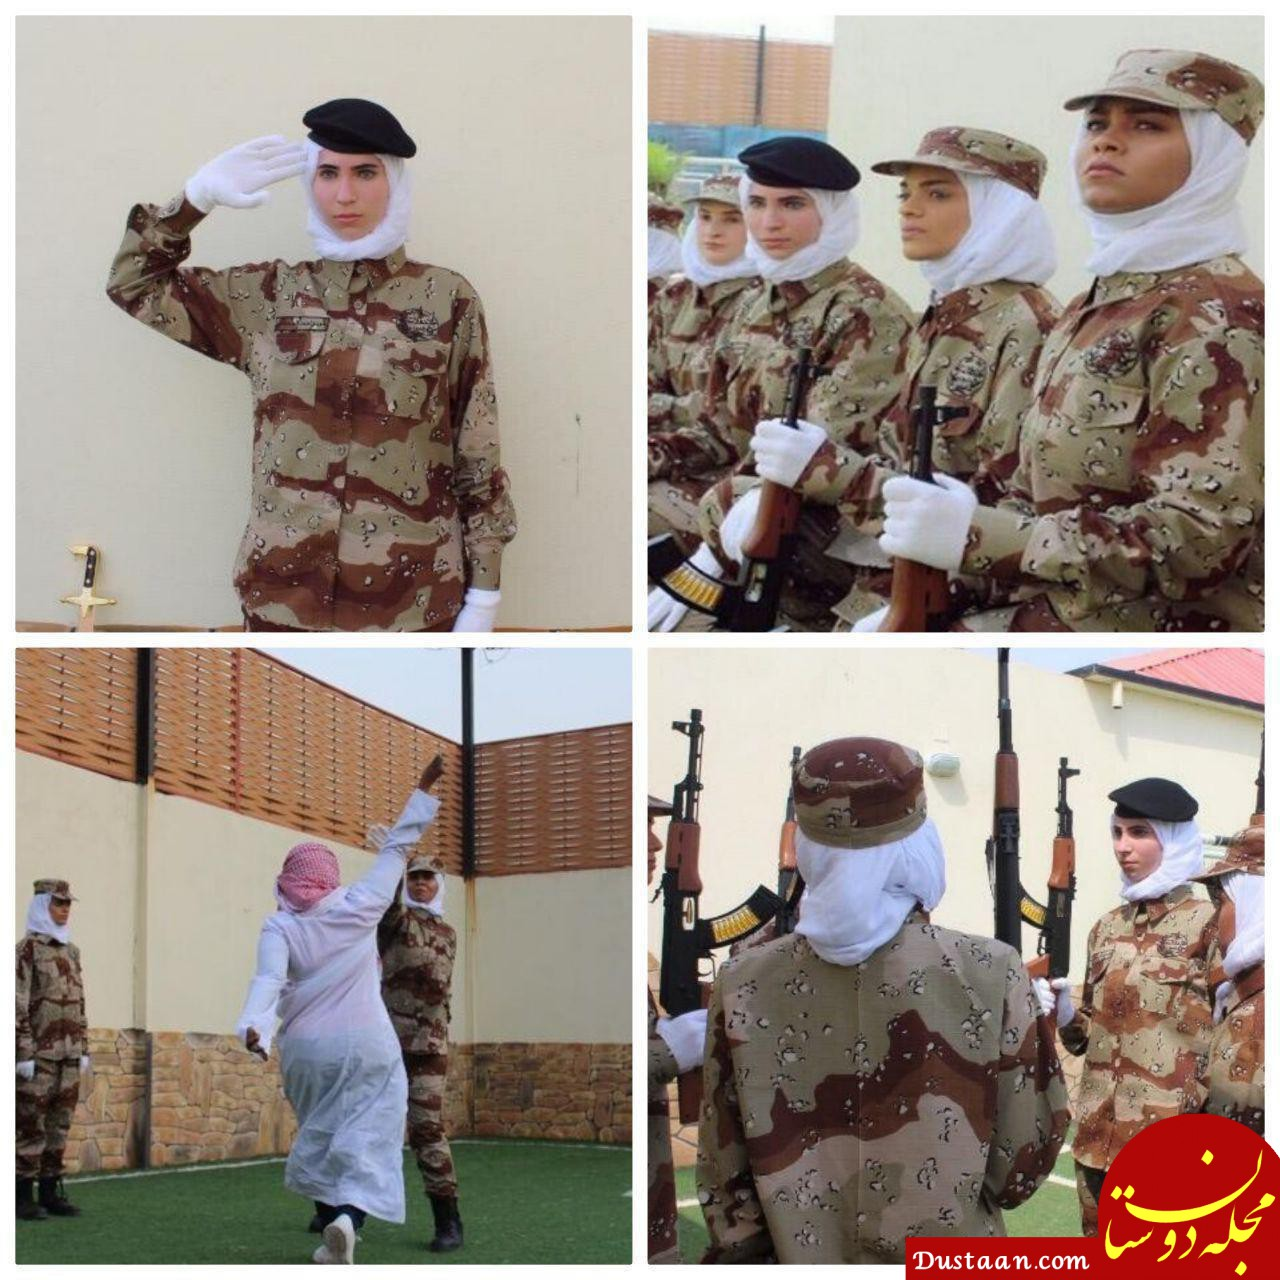 www.dustaan.com رژه نظامی زنان در عربستان برای اولین بار +عکس